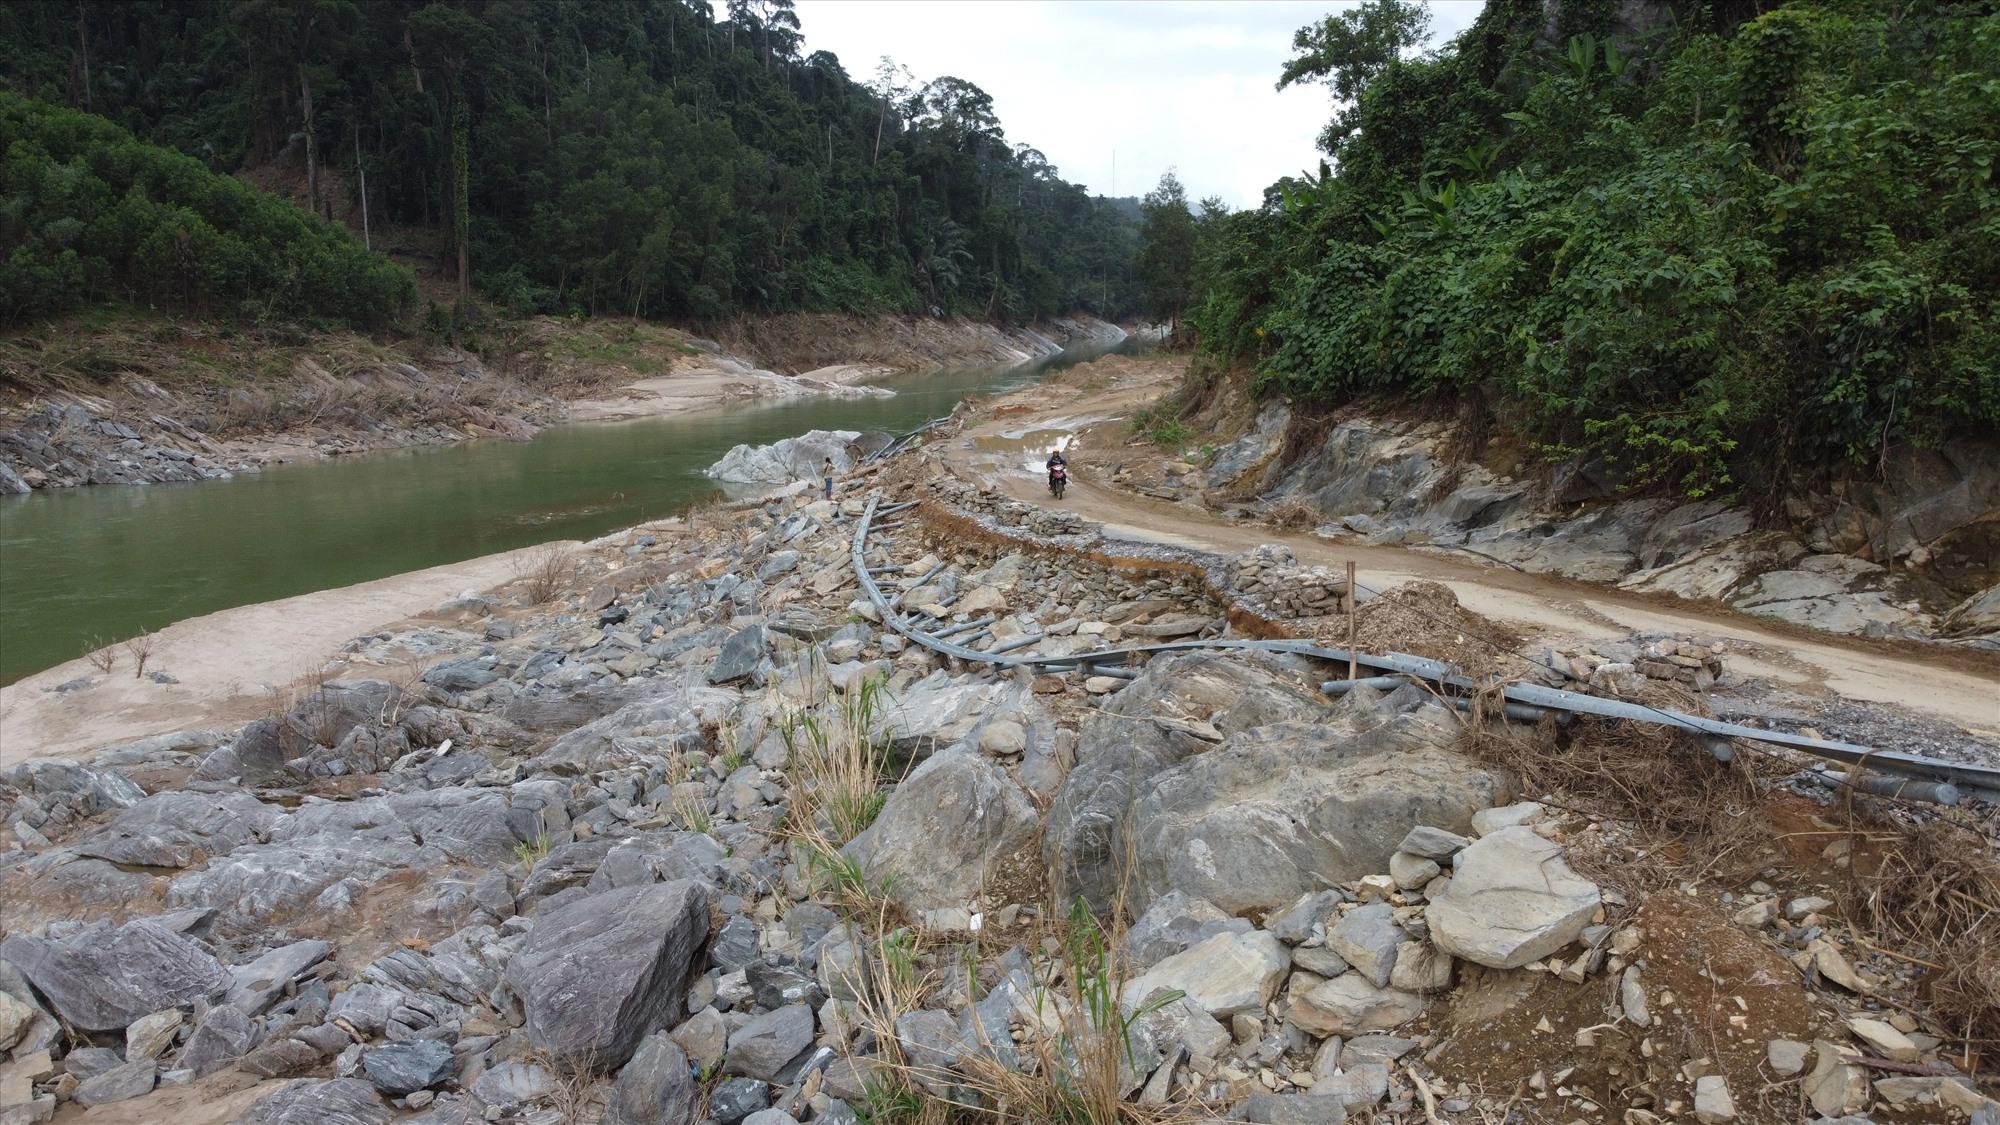 Đơn vị quản lý quốc lộ 40B cho biết, hiện khối lượng công việc còn nhiều, dự kiến đến ngày 15/12 sẽ khôi phục hết các vị trí đất đá sạt lở xuống mặt đường; các vị trí kè bên ta luy âm, nền đường bị hư hỏng đến đầu năm 2021 mới được khắc phục xong.